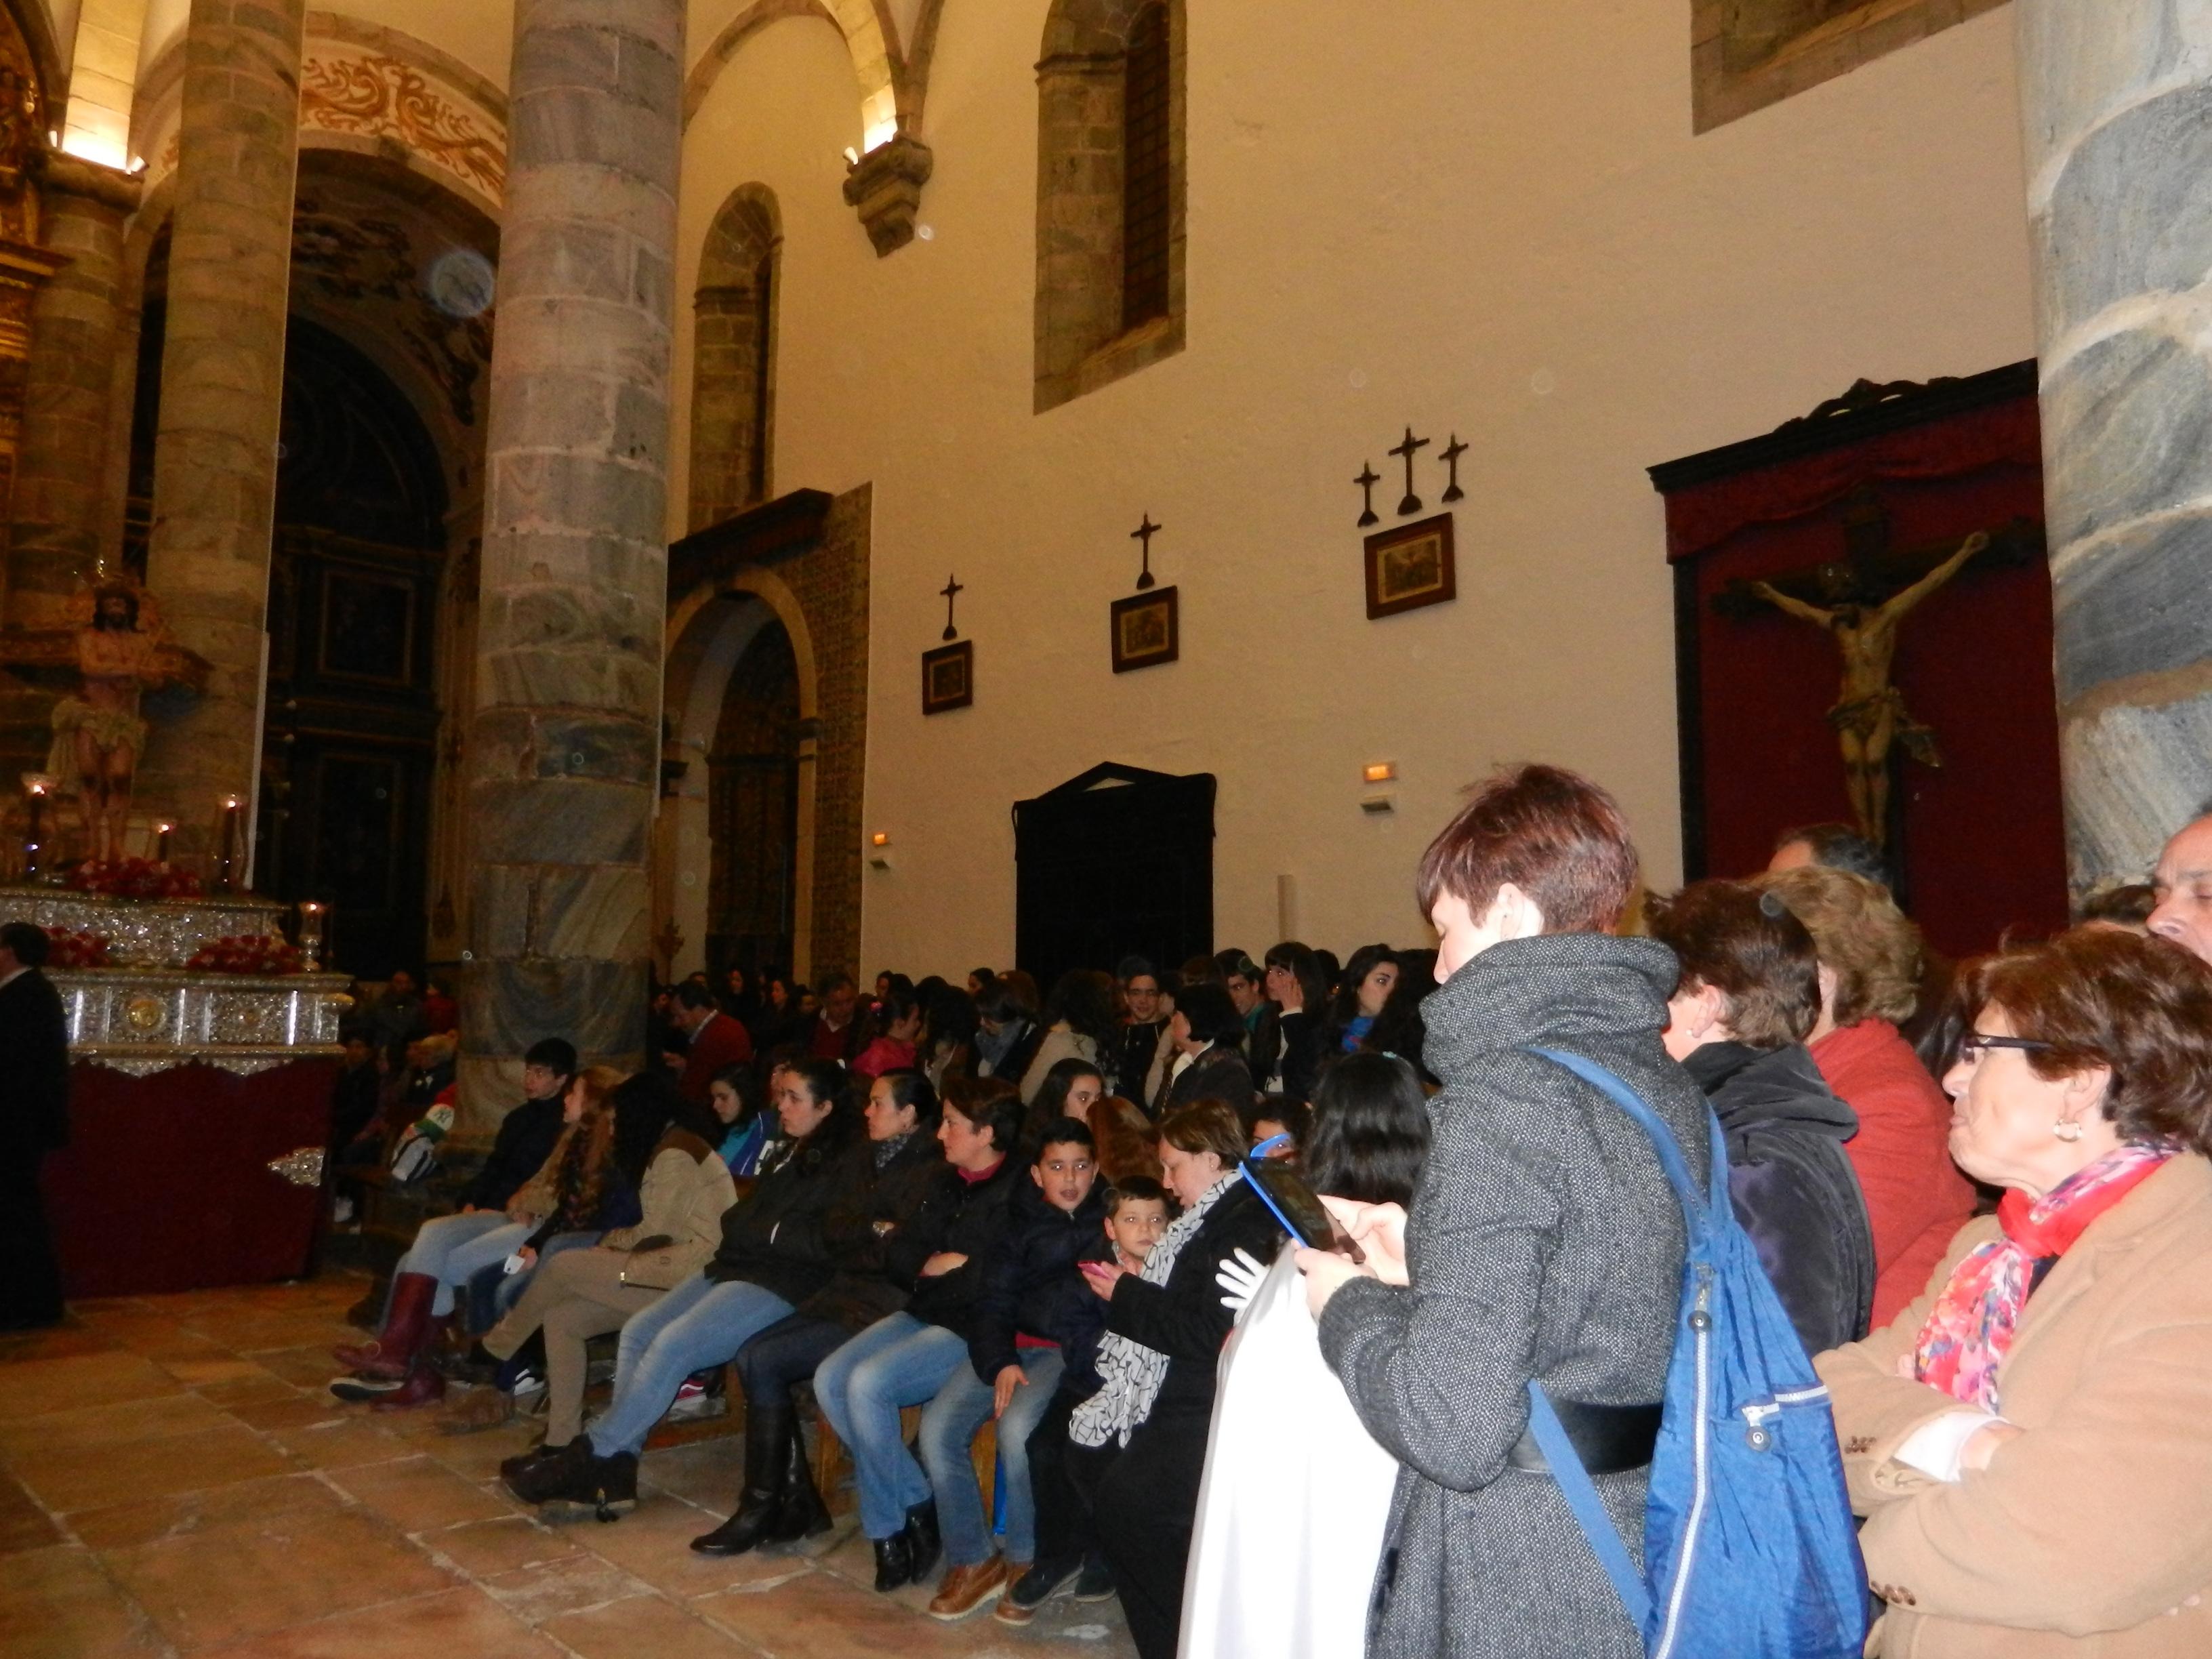 Los devotos se congregan en la iglesia